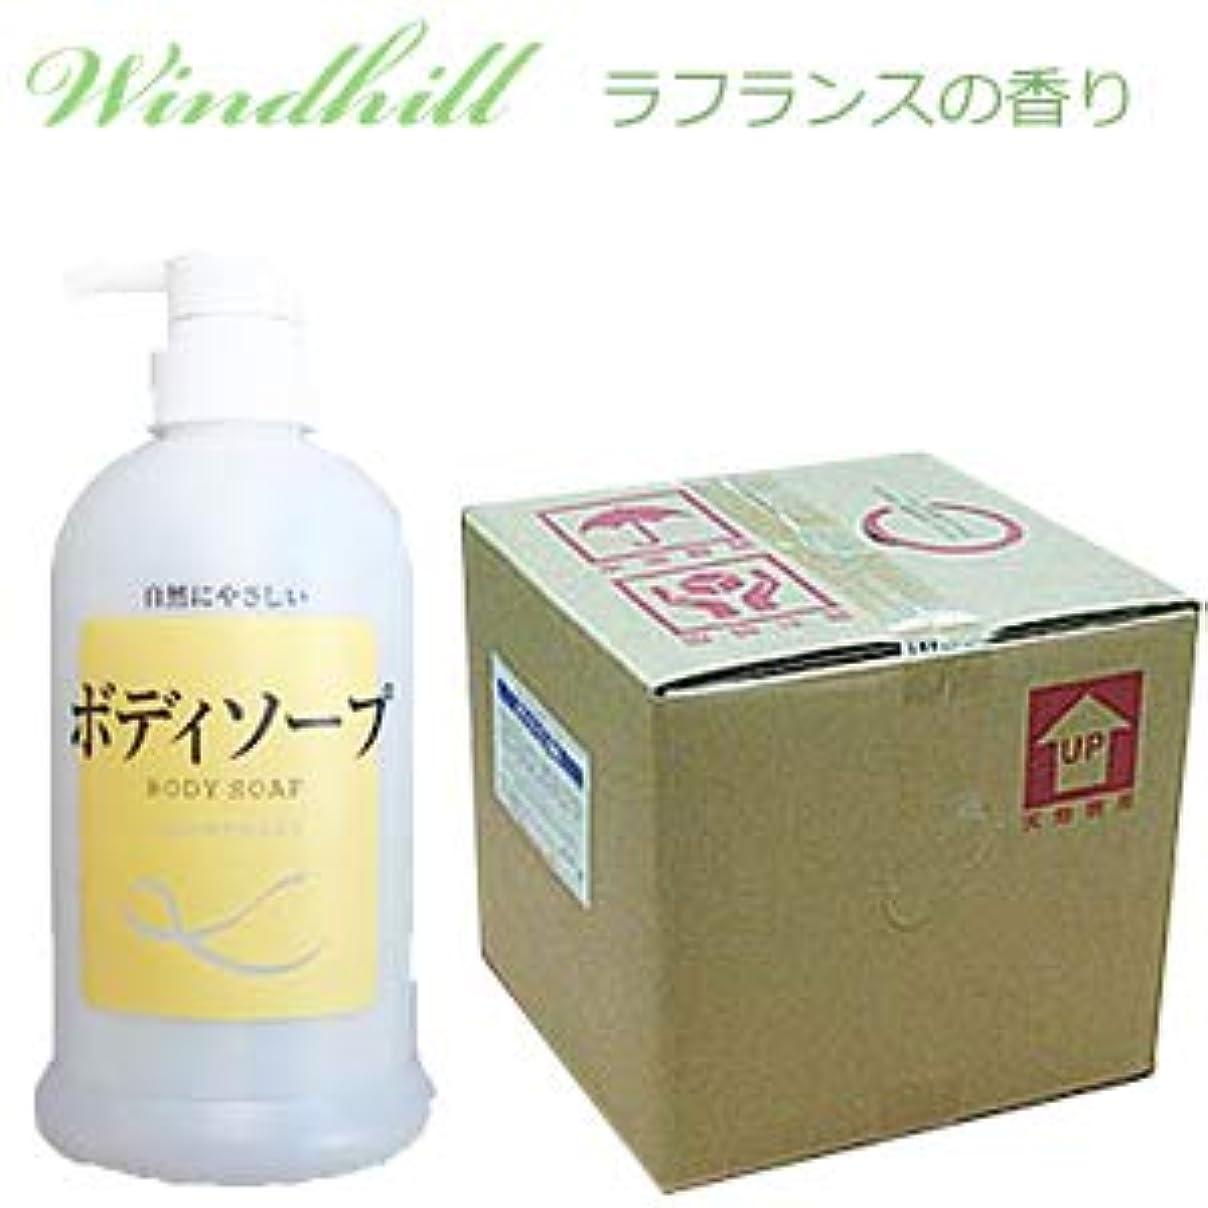 誇大妄想同一の語なんと! 500ml当り173円 Windhill 植物性 業務用 ボディソープ  爽やかなラフランスの香り 20L